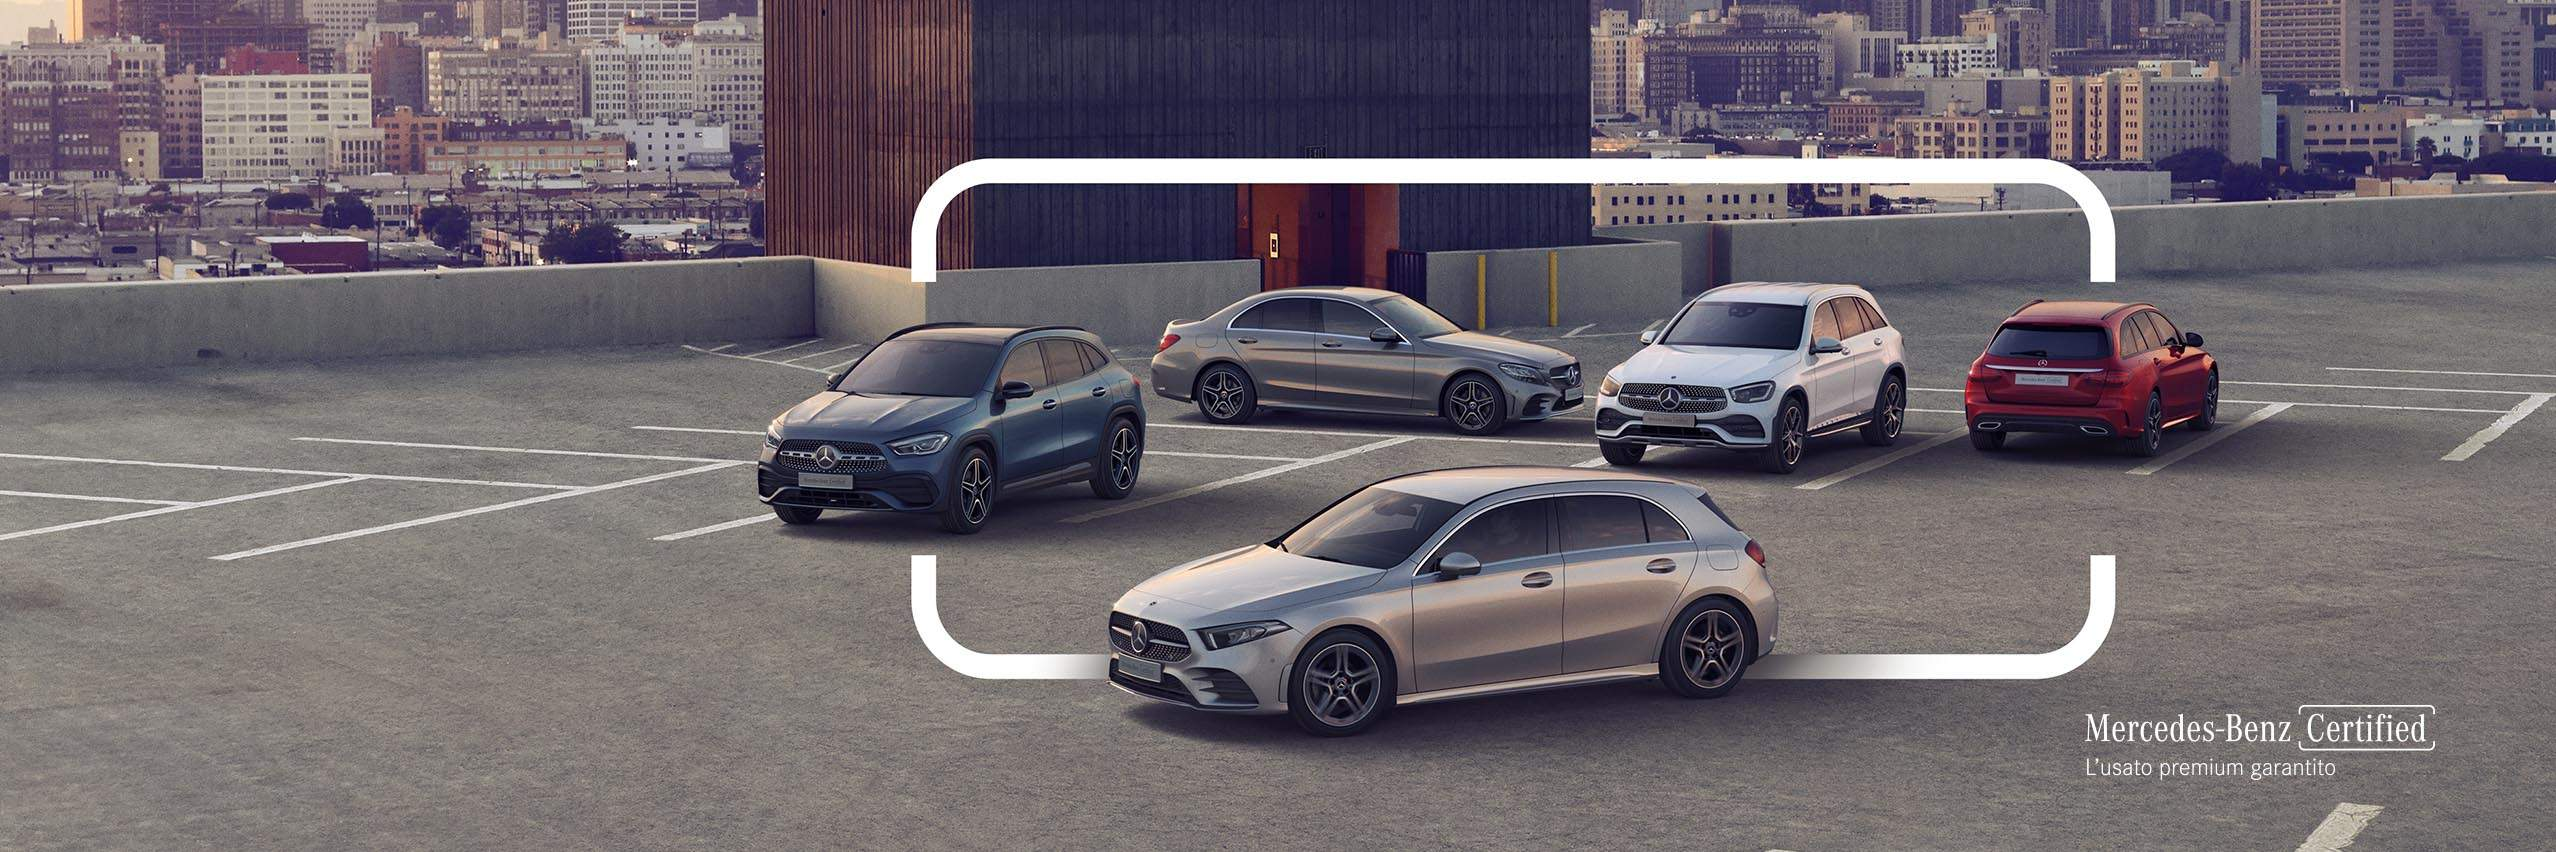 Mercedes-Benz Certified.